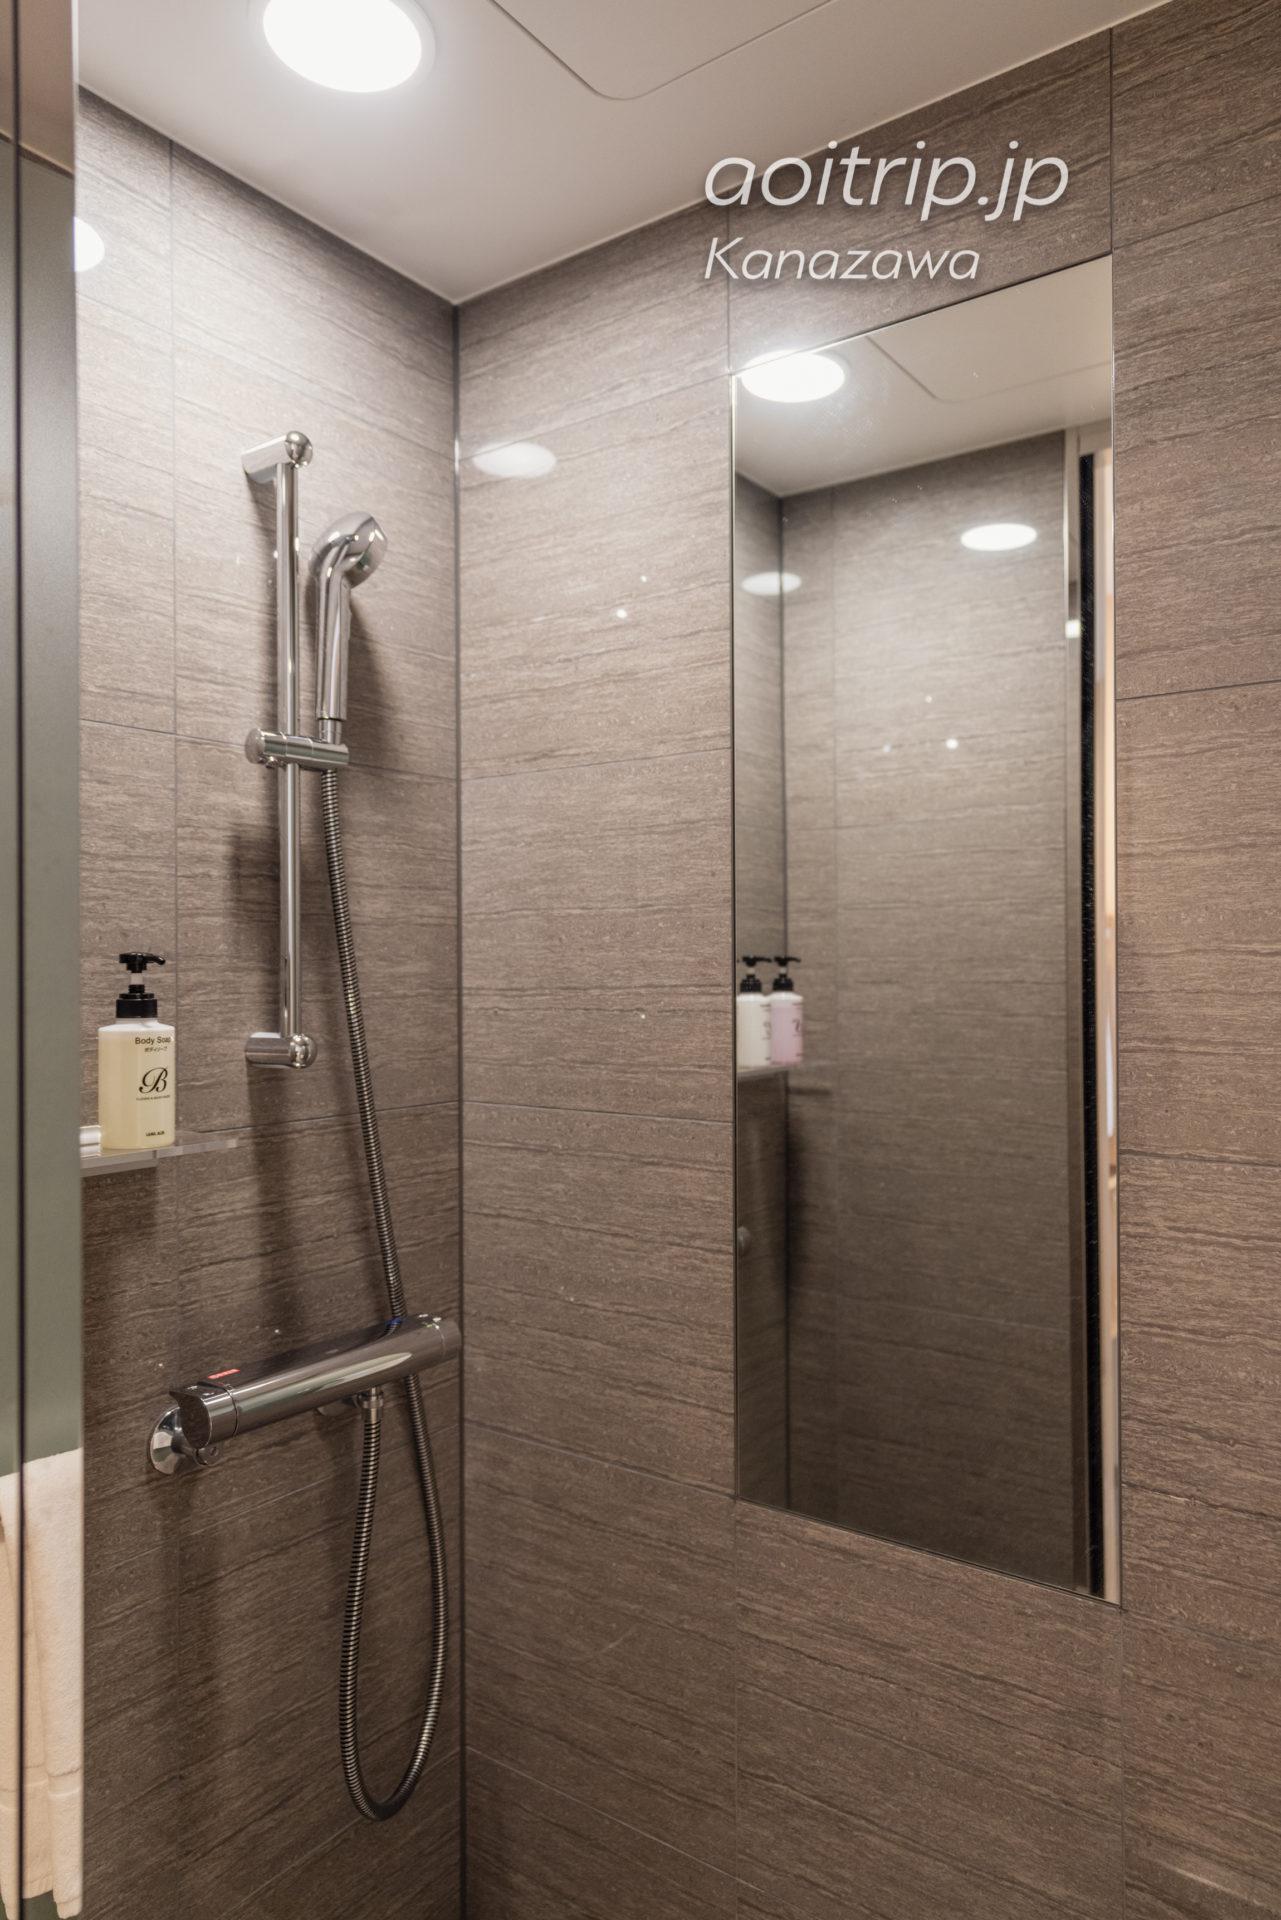 アゴーラ金沢のバスルーム